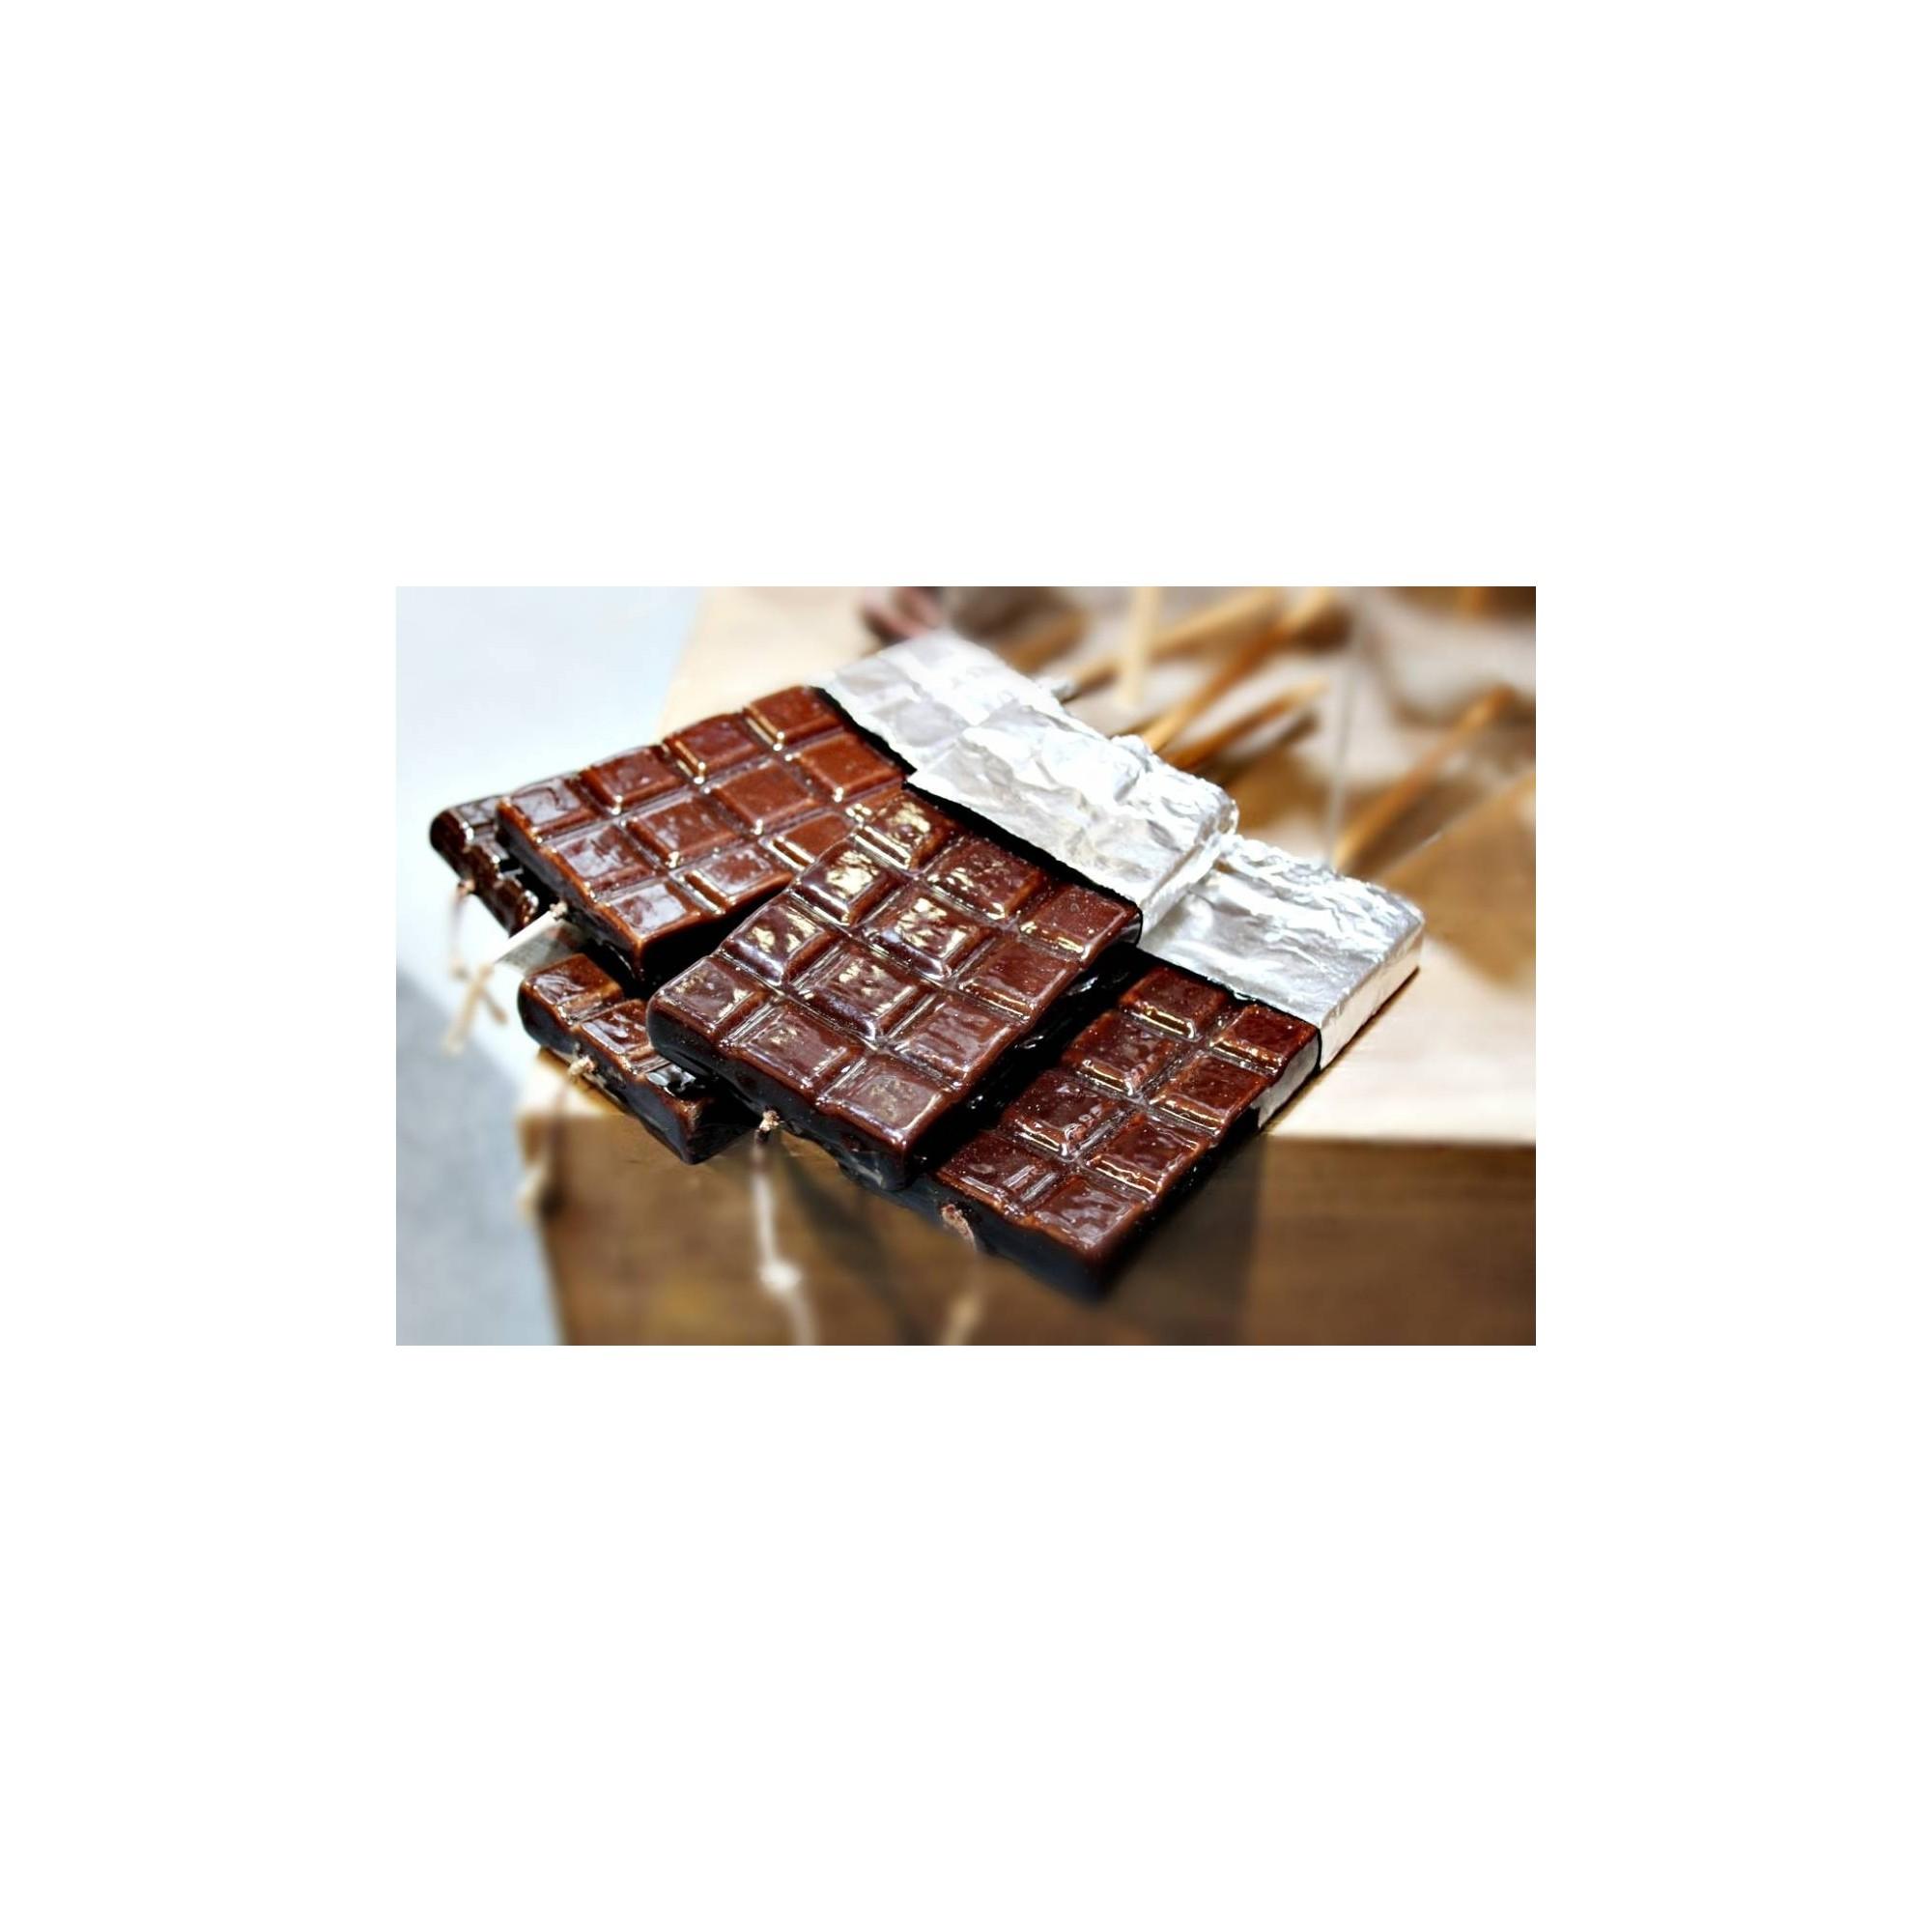 Λαμπάδα σοκολάτα - G1567